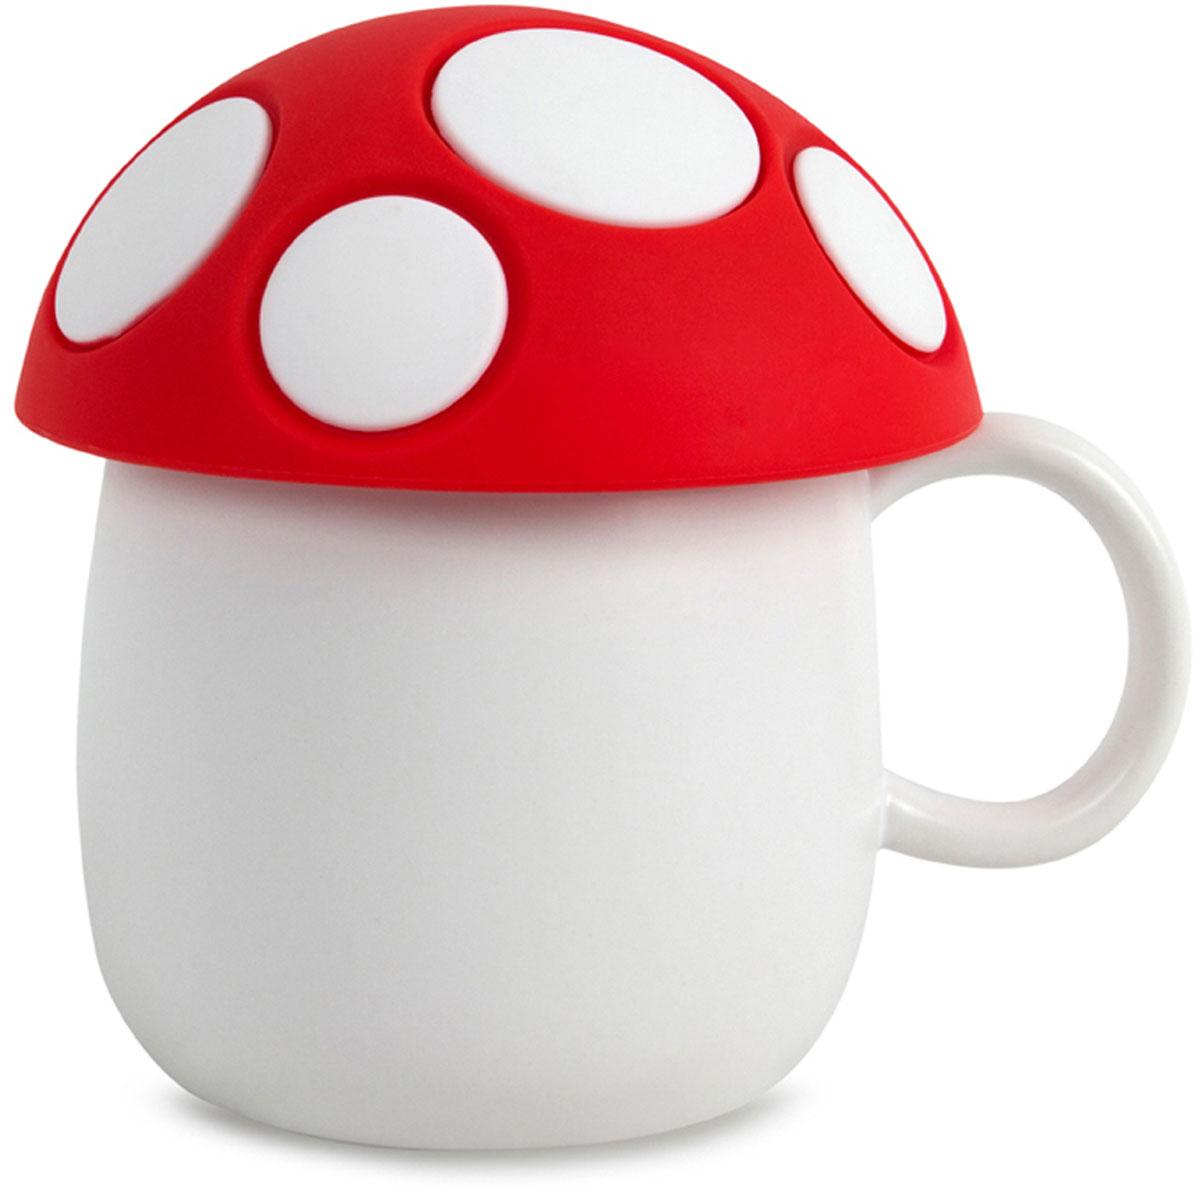 """Кружка с силиконовой крышкой """"Fungo"""" подойдет для любителей свежезаваренного чая. Можно засыпать заварку прямо в нее, накрыть крышкой  и через 5-10 минут вас будет ждать вкусный ароматный чай. Если вам больше нравится чай в пакетиках, то крышку можно использовать в  качестве подставки для использованного пакета с чаем. Многие дети любят на завтрак яйца всмятку - они могут использовать крышку как  пашотницу (подставку для яиц). Внешне кружка напоминает мухомор, так что она будет радовать глаз и детям, и взрослым, а утро с ней  перестанет быть скучным и унылым. - Изготовлена из качественной керамики. - Оригинальный дизайн в виде гриба мухомора. - Объем кружки 400 мл. - Крышку можно использовать в качестве небольшого блюдца или подставки для яиц. - Подойдет для любой возрастной категории."""